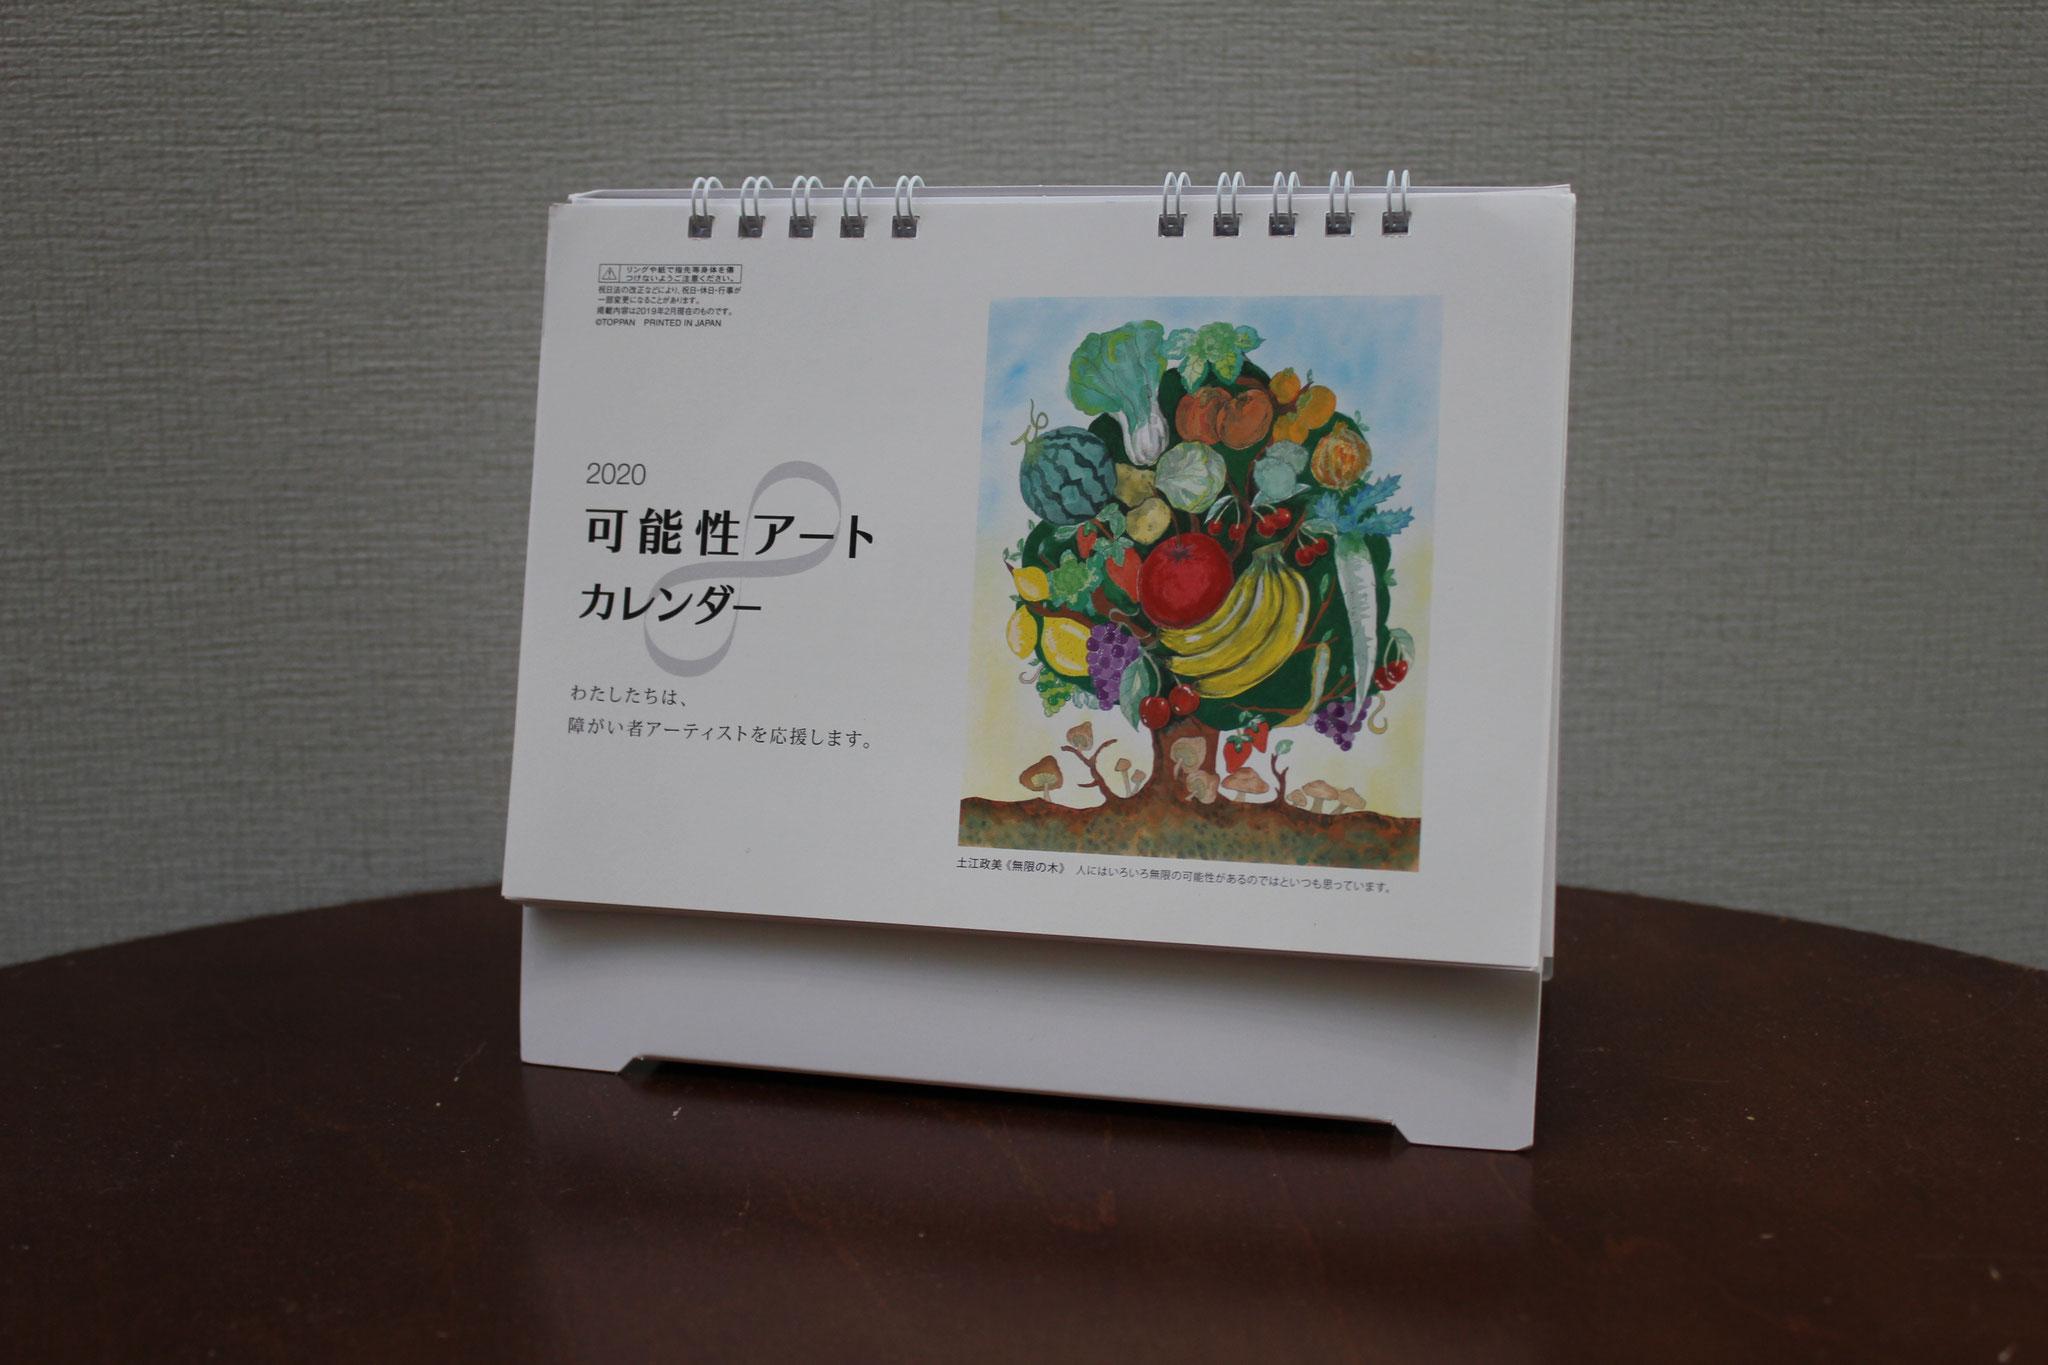 可能性アートカレンダー